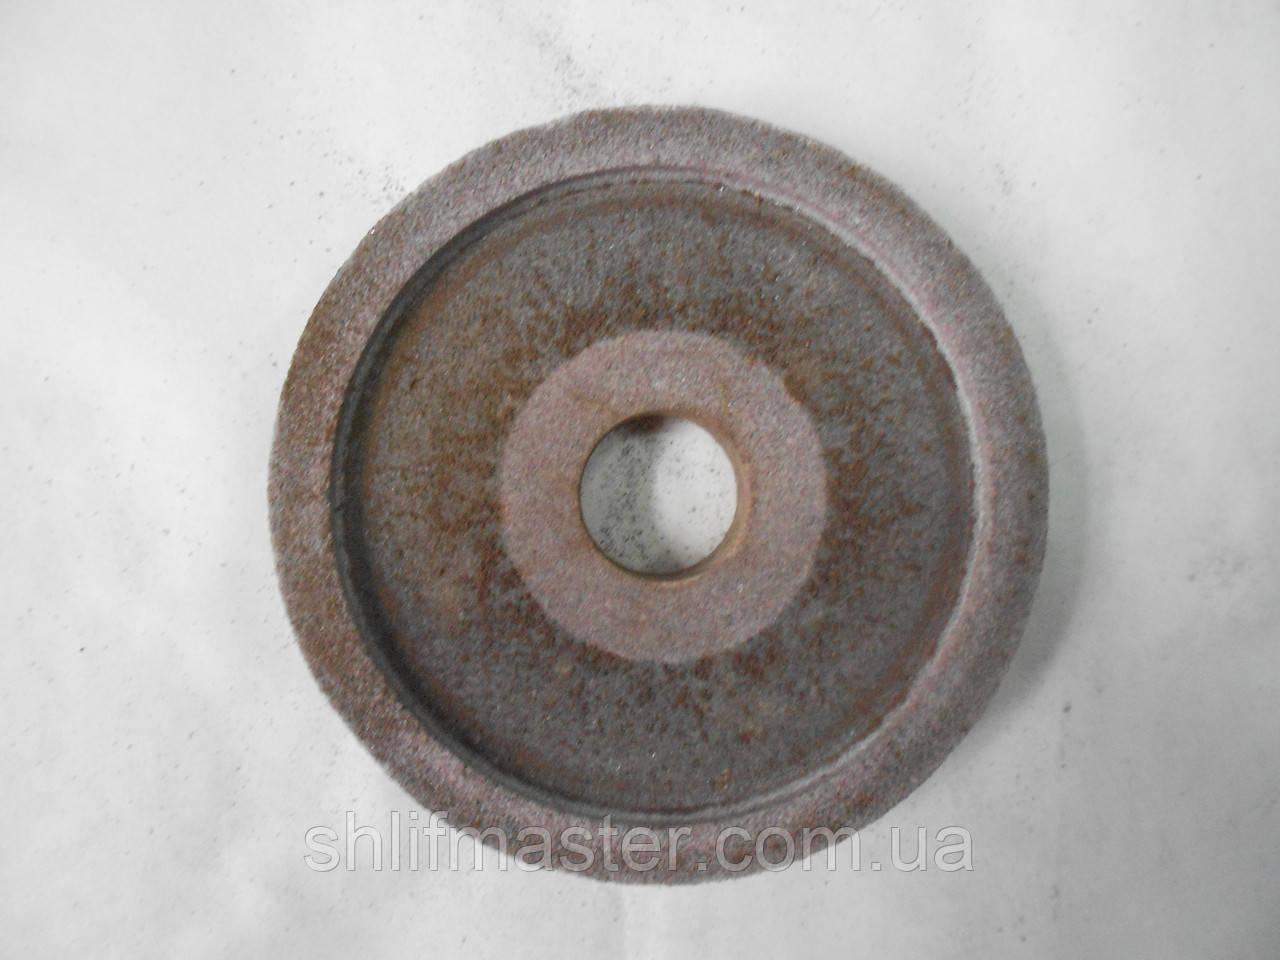 Круг шлифовальный прямой с выточкой 92А ПВ 250х40х76 25 СТ